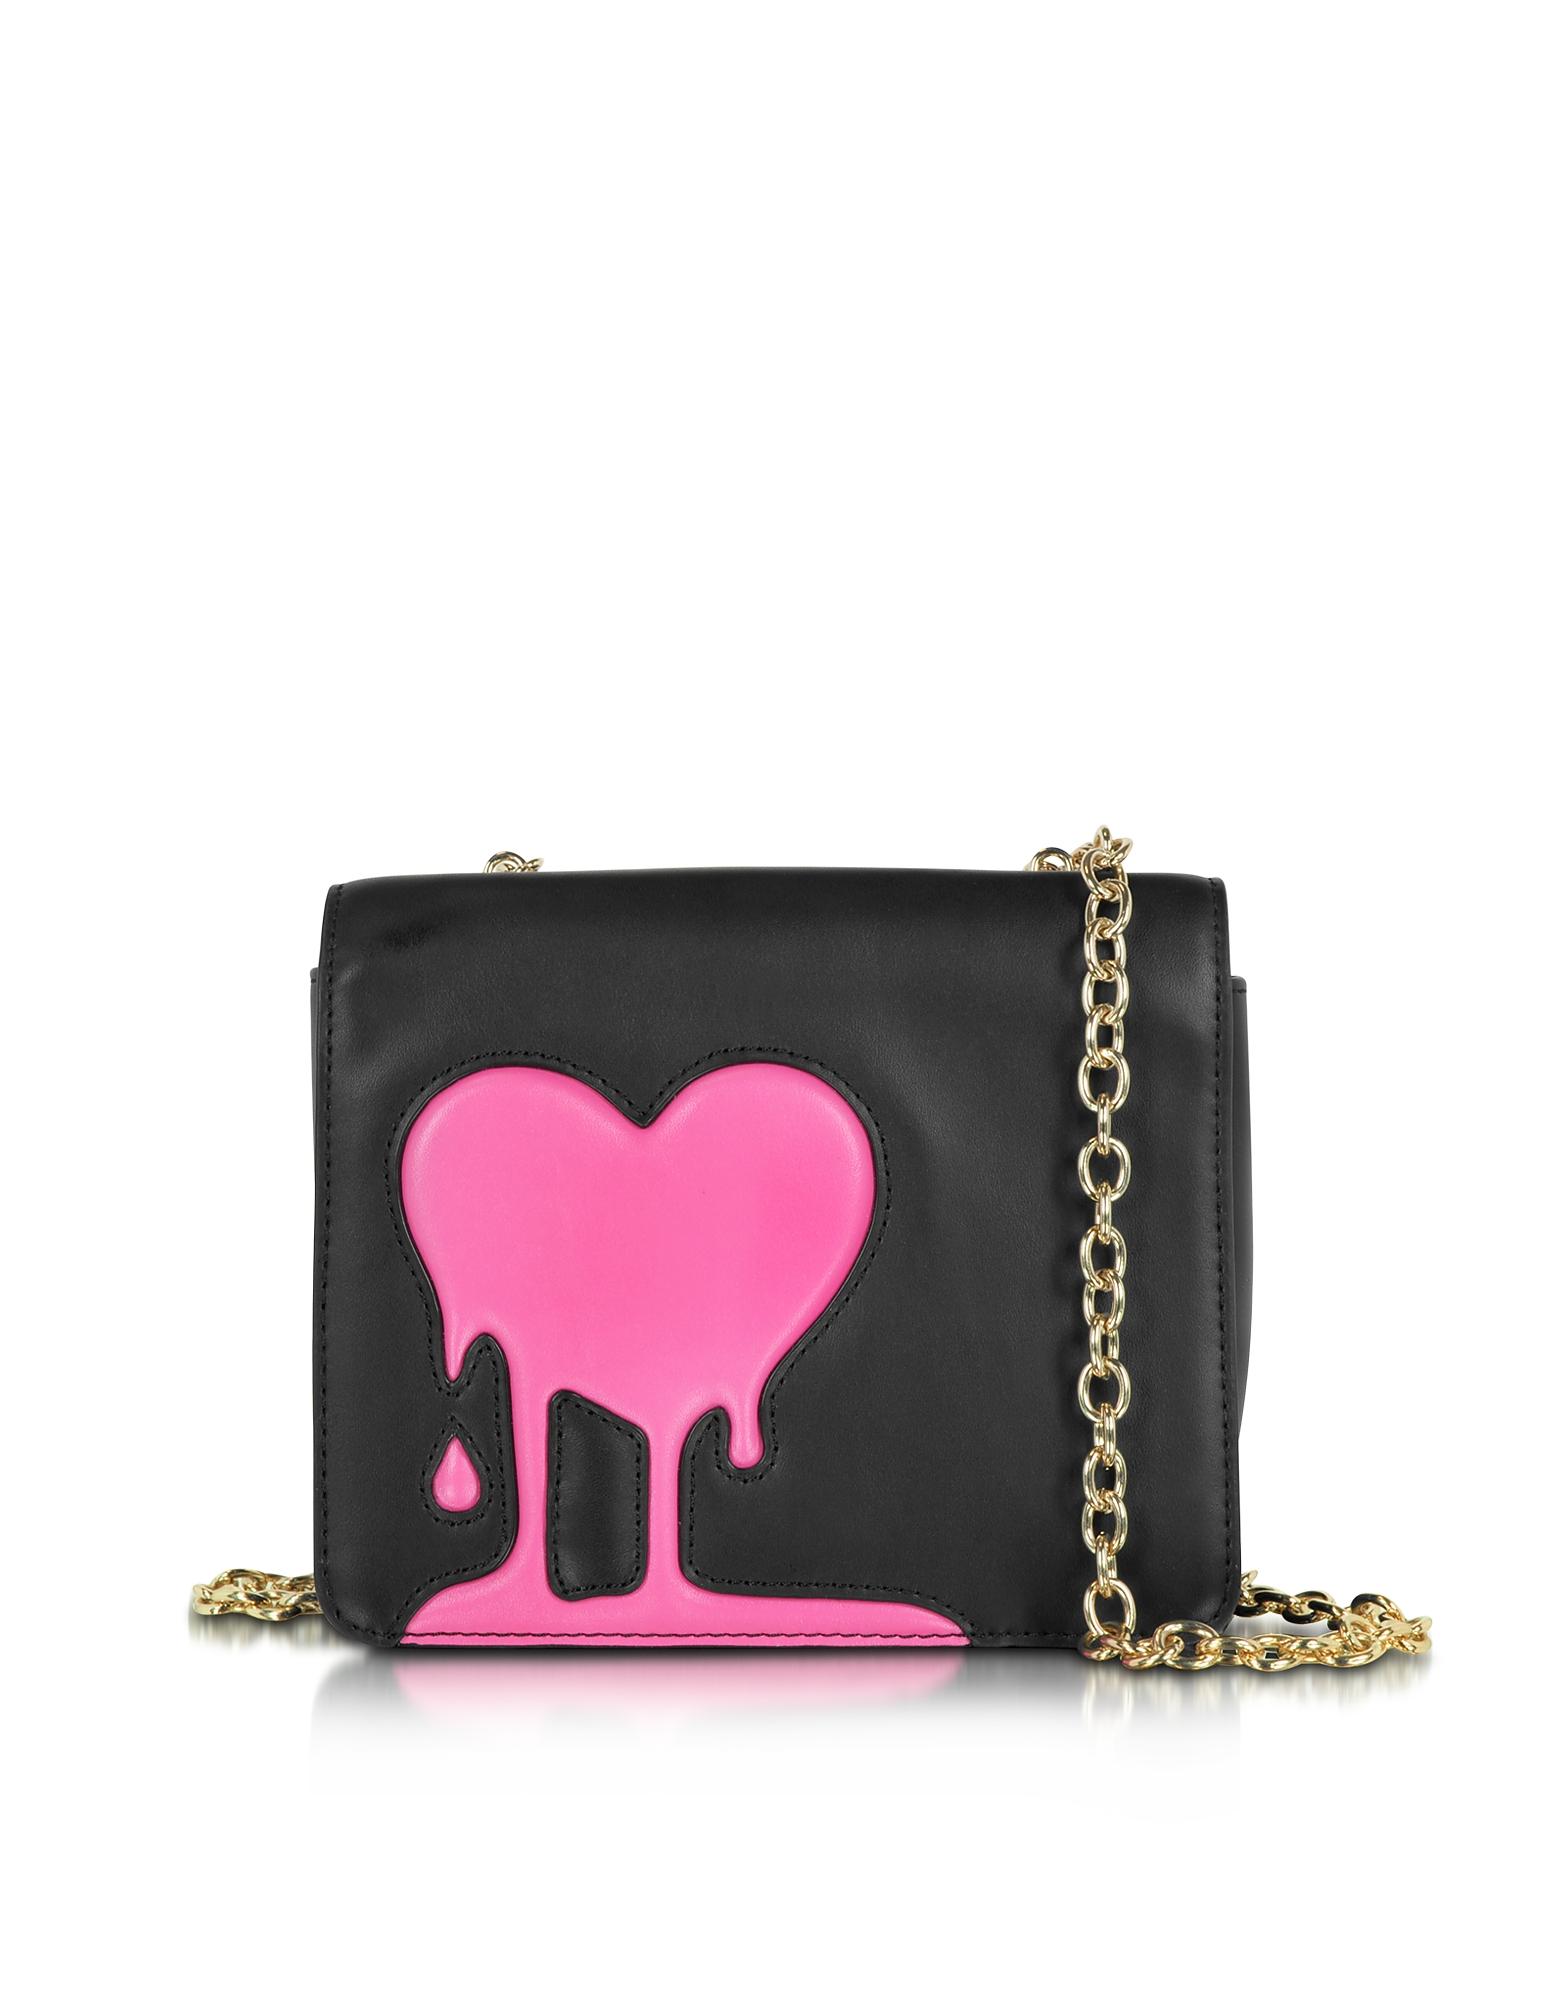 Фото Melting Love - Черная и Розовая Сумка Через Плечо из Эко Кожи. Купить с доставкой